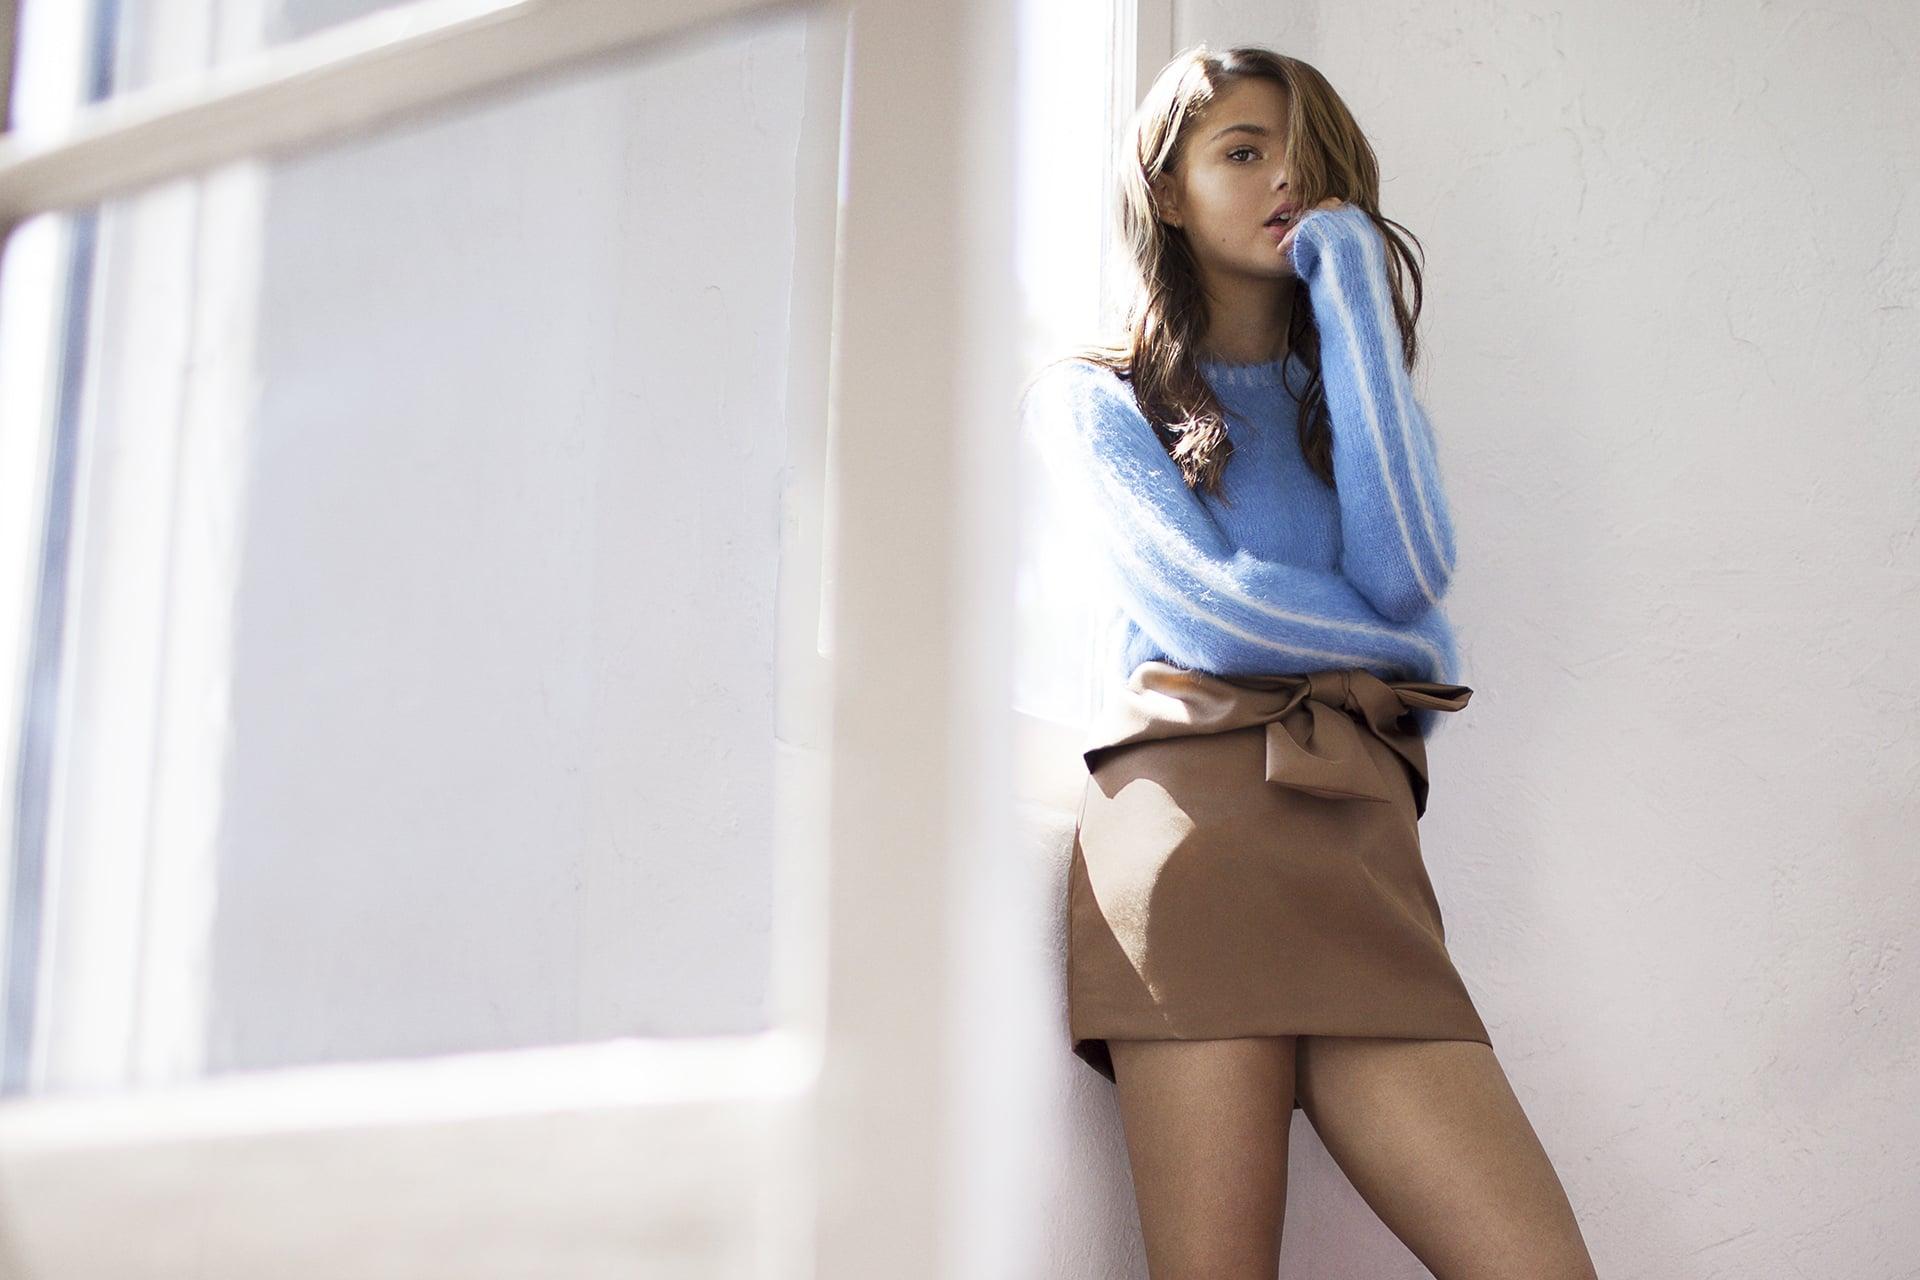 stefanie scott skirt wallpaper 71639